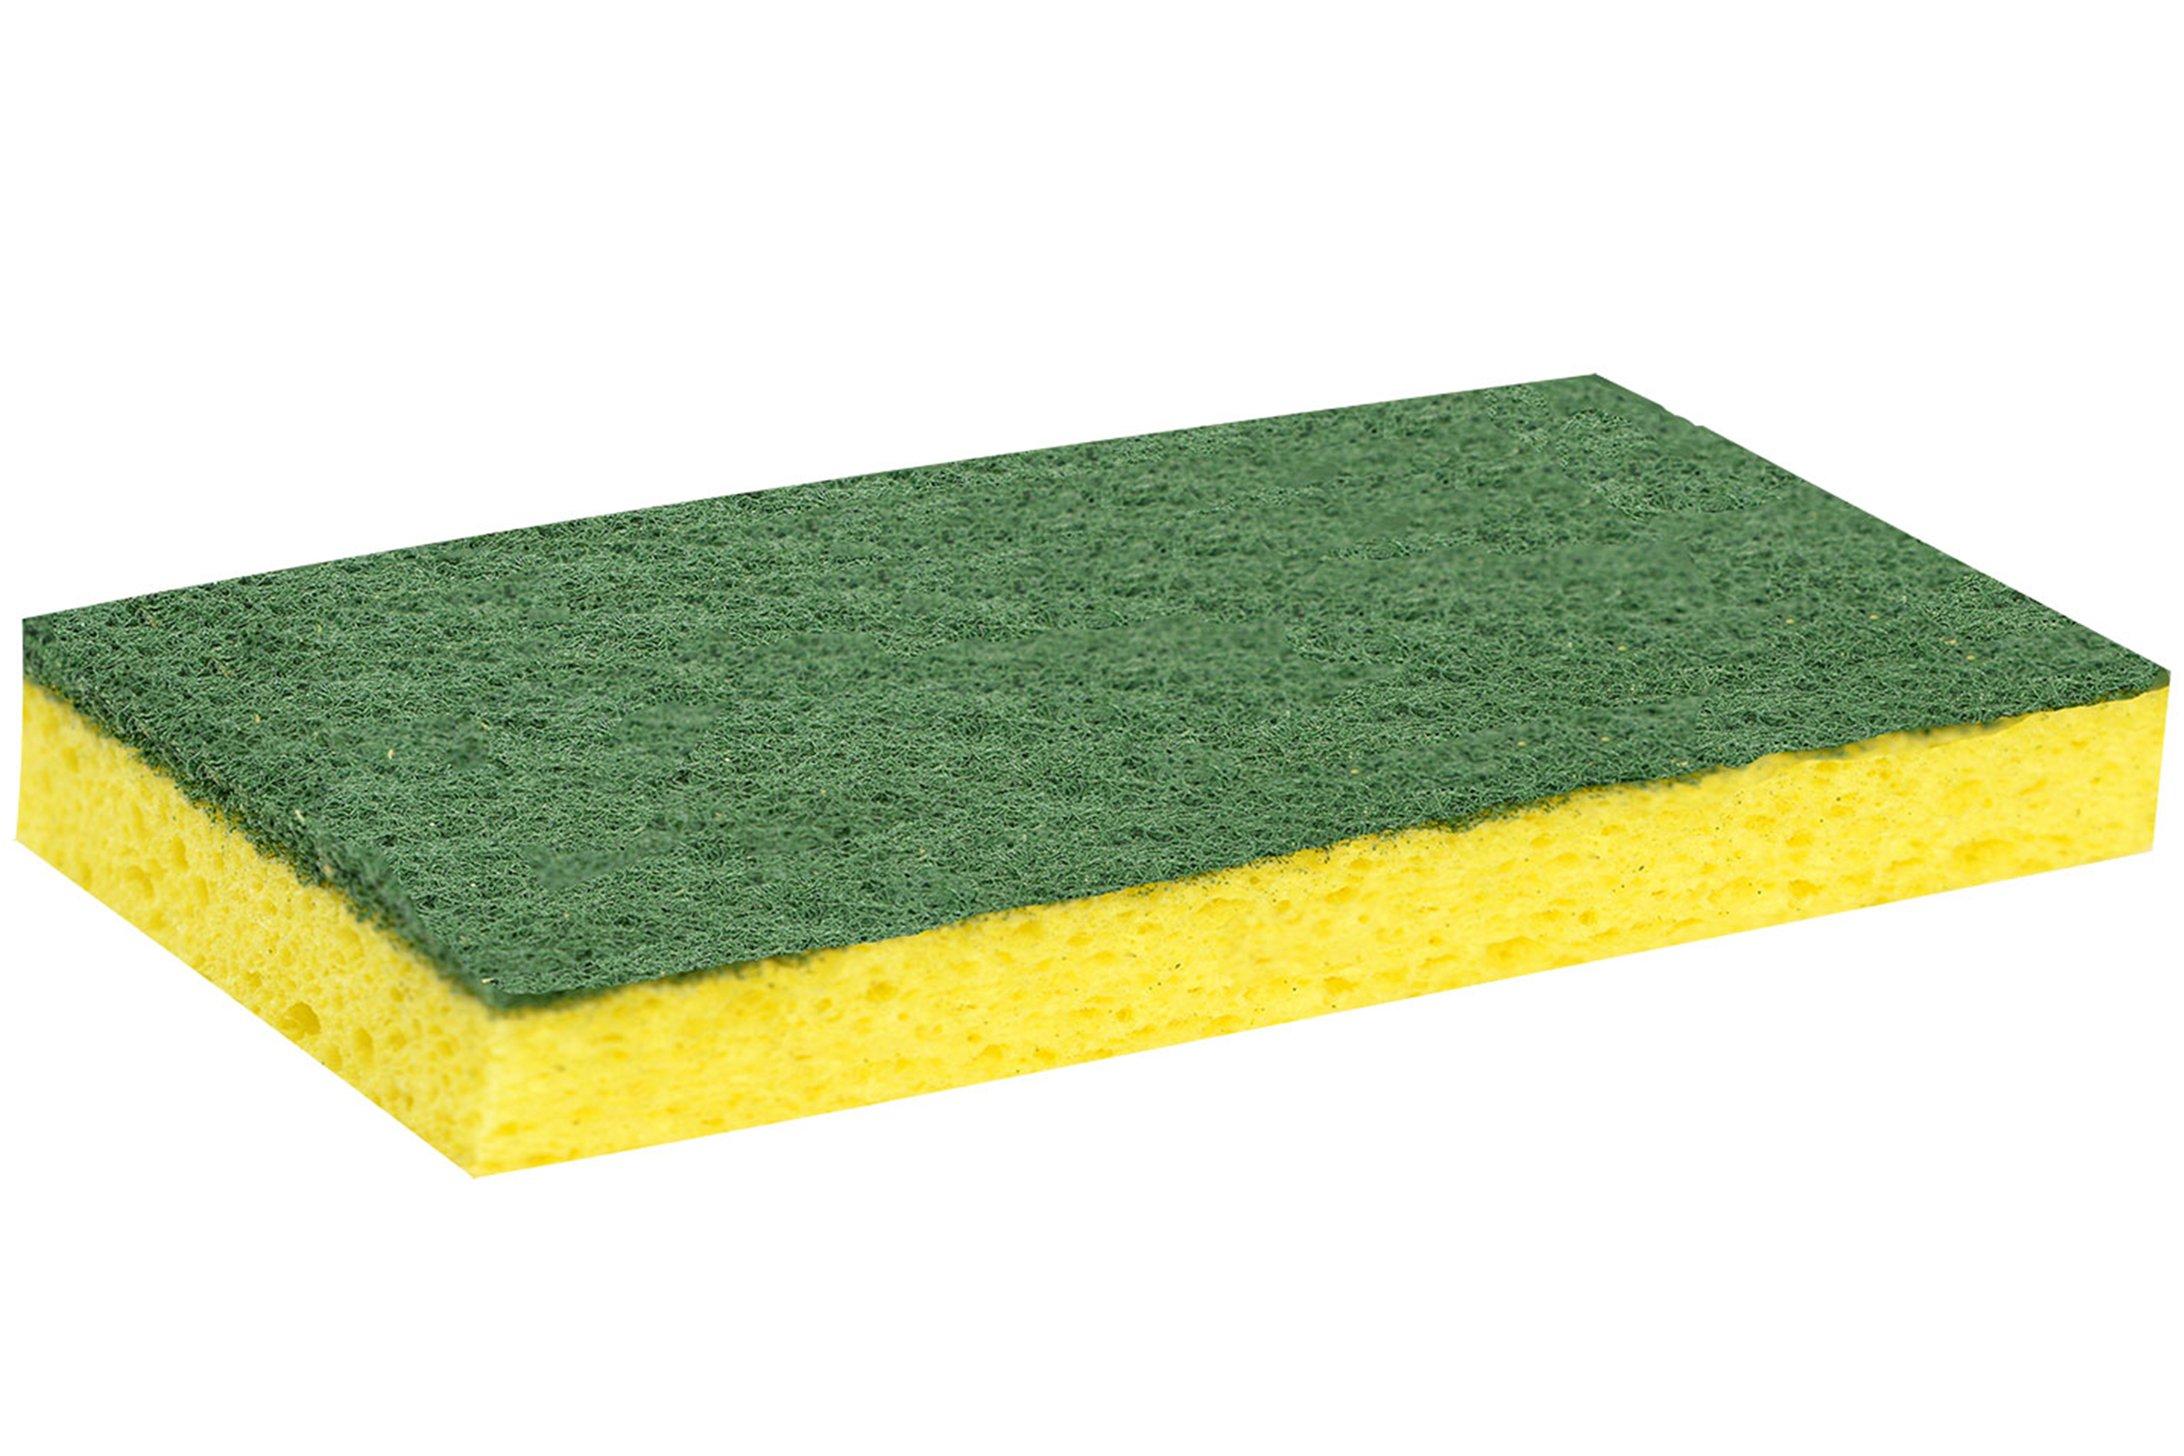 ScrubX 3020 Scrub Sponge, Heavy Duty, Multi-Use, Pack of 40